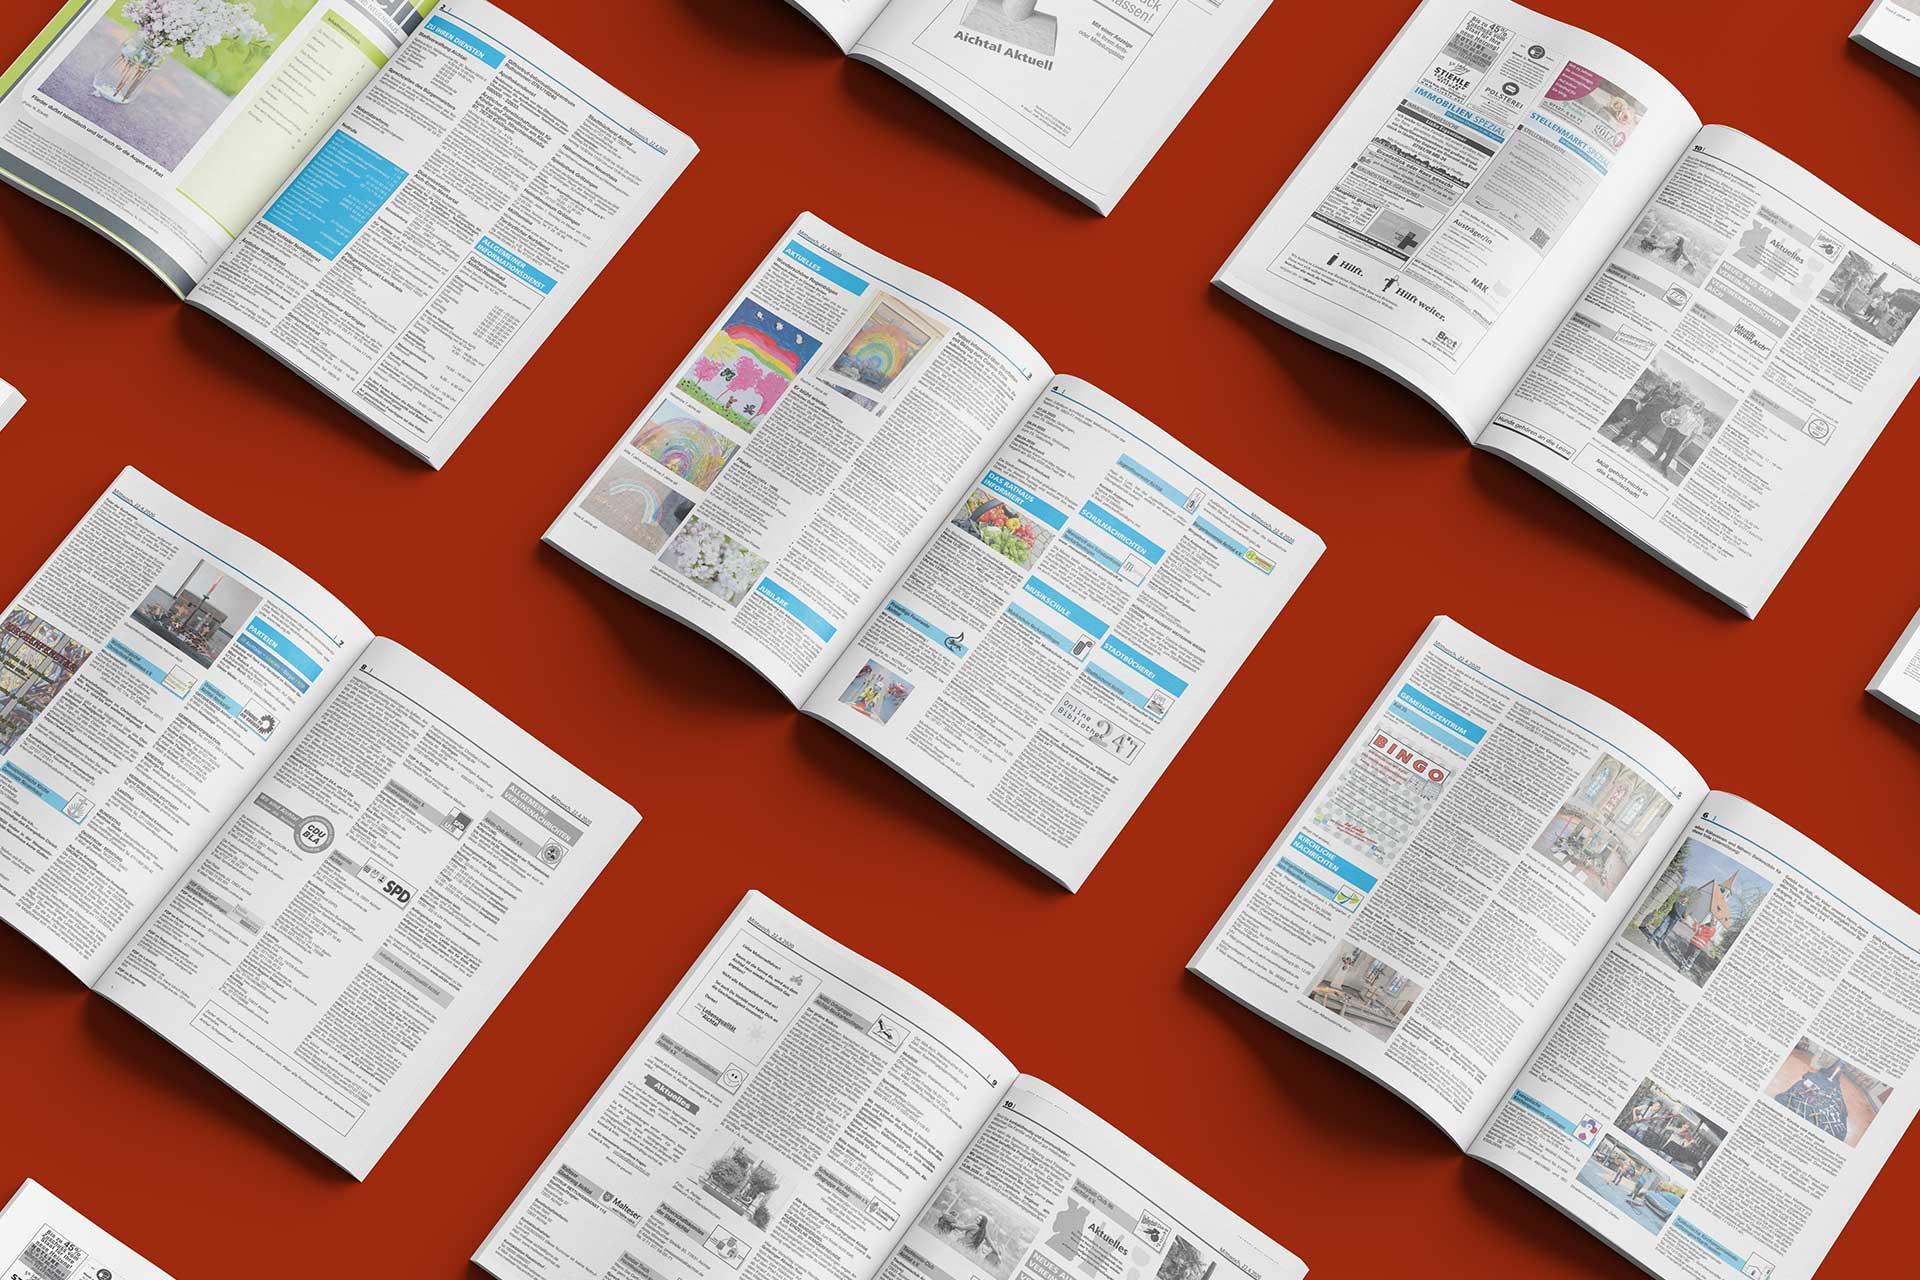 Gewerbliche Anzeigen in den Mitteilungsblättern des NAK Verlages